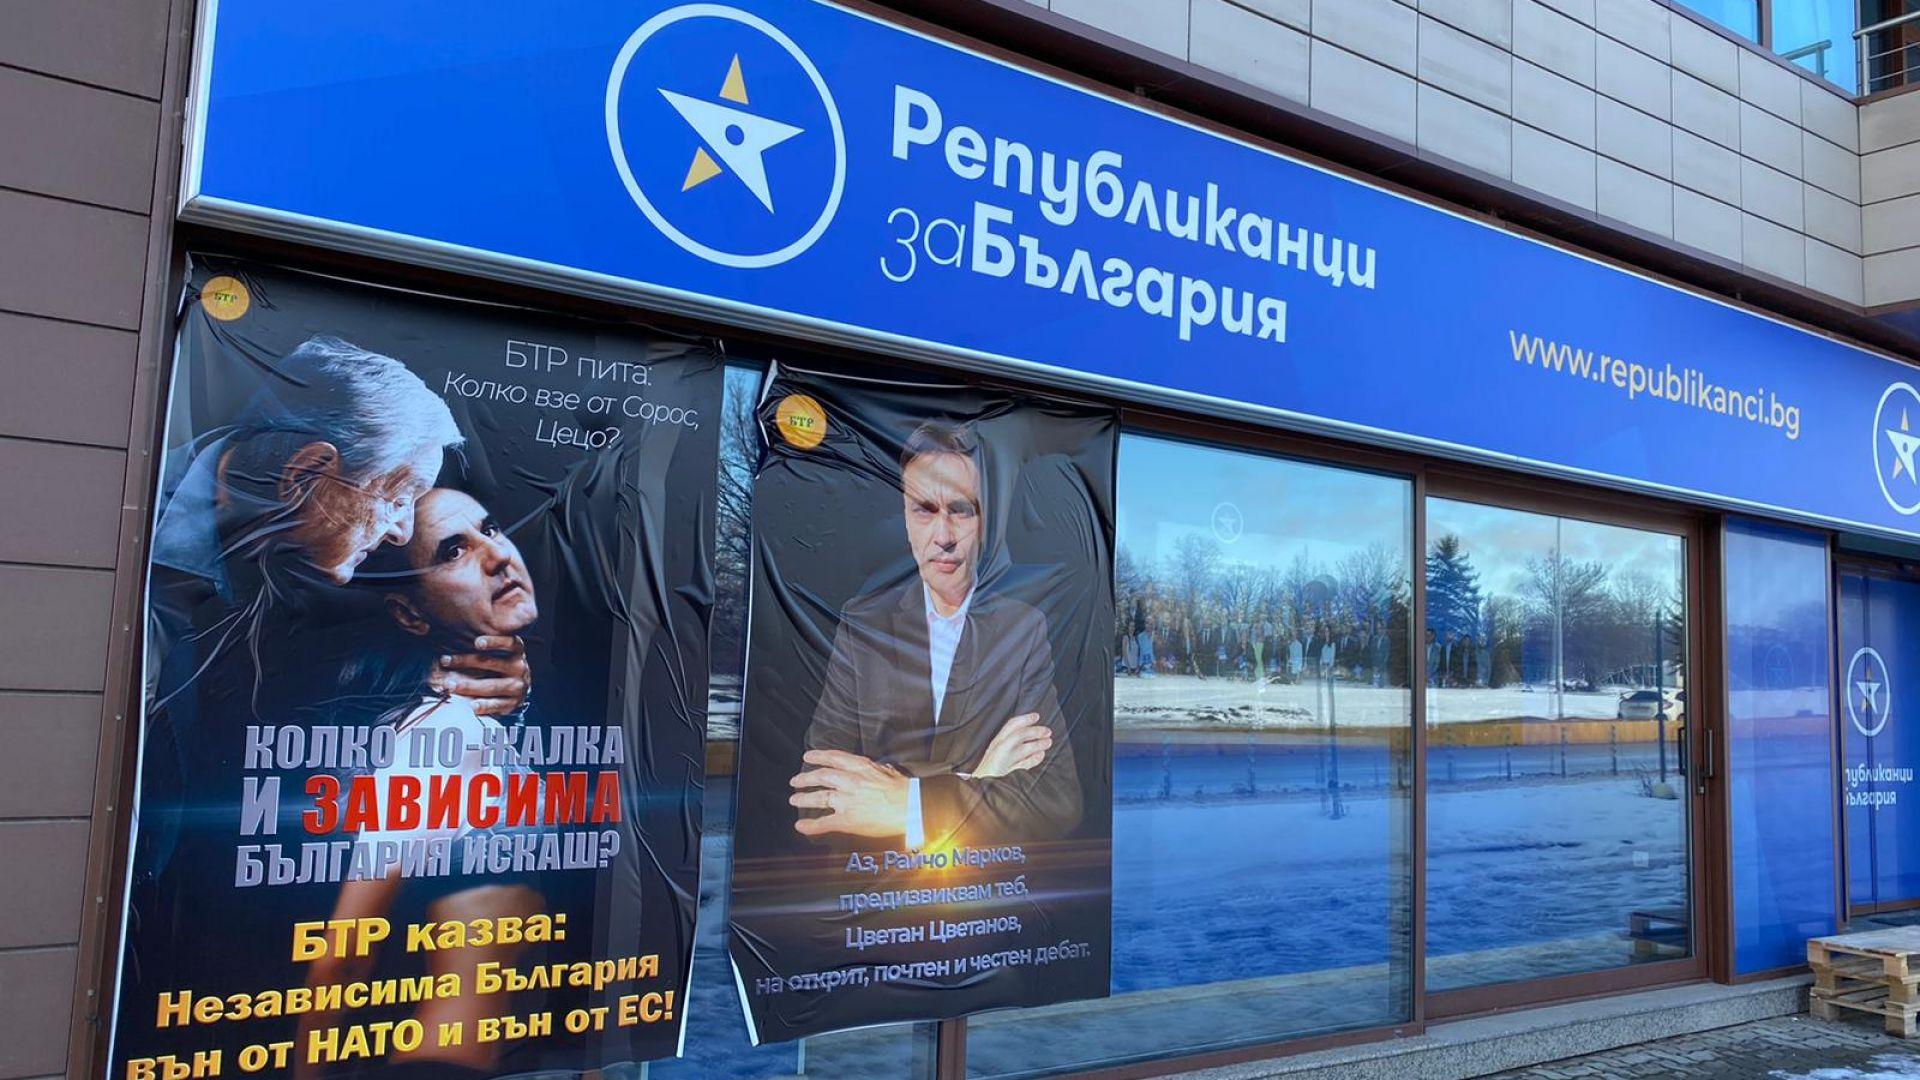 """""""Колко взе от Сорос, Цецо?"""" - предизвикателство срещу лидера на """"Републиканци за България"""""""